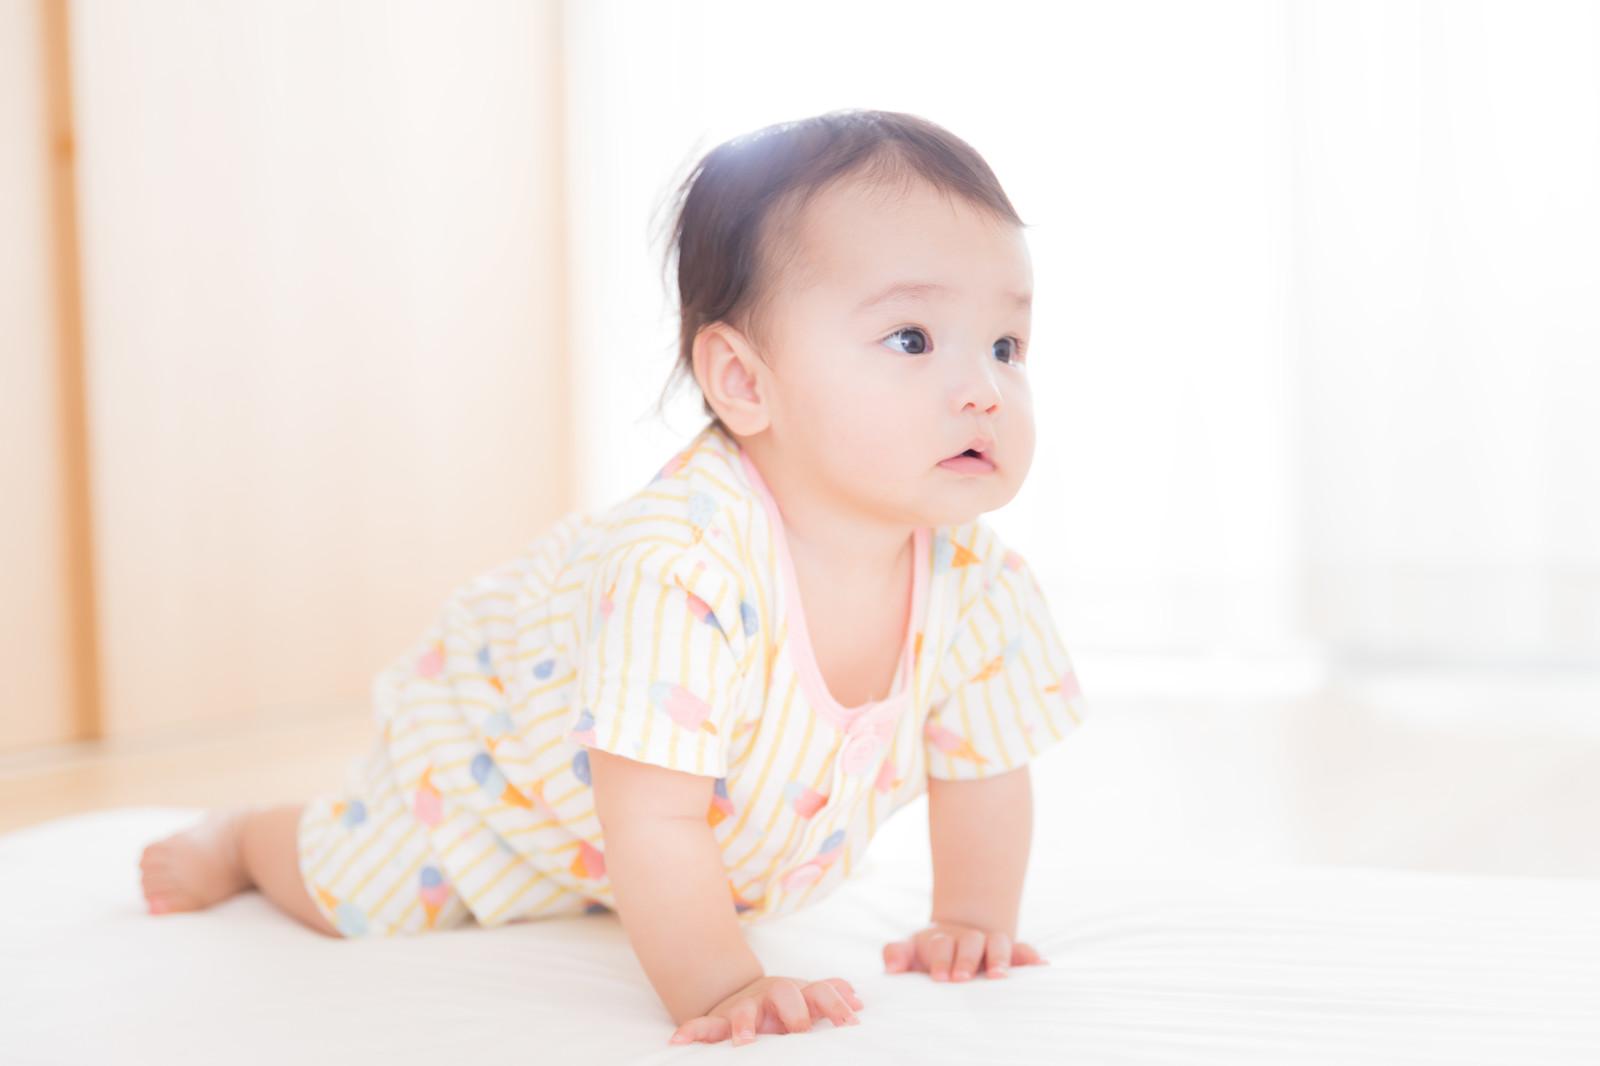 赤ちゃんのいる家庭の災害時の備え